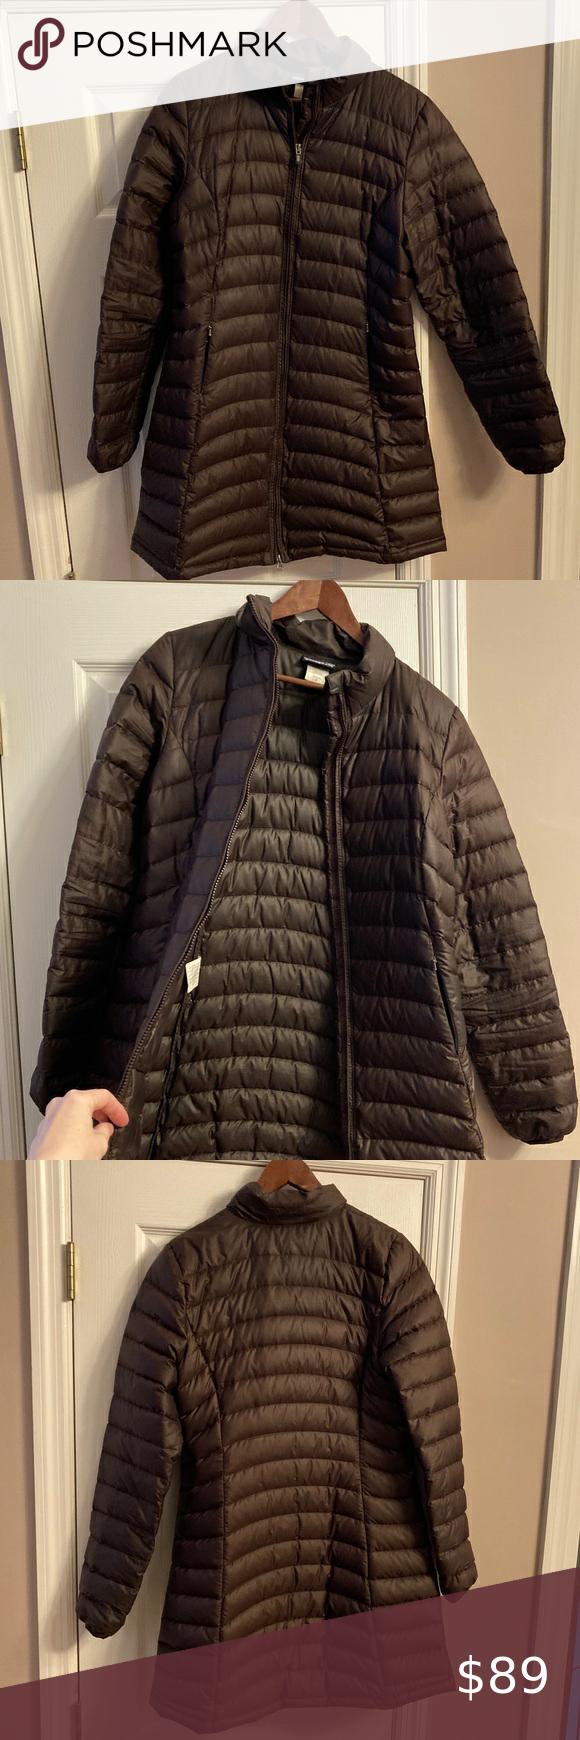 Patagonia Women S Long Puffer Jacket Patagonia Womens Coats Jackets Women Lightweight Coats [ 1740 x 580 Pixel ]